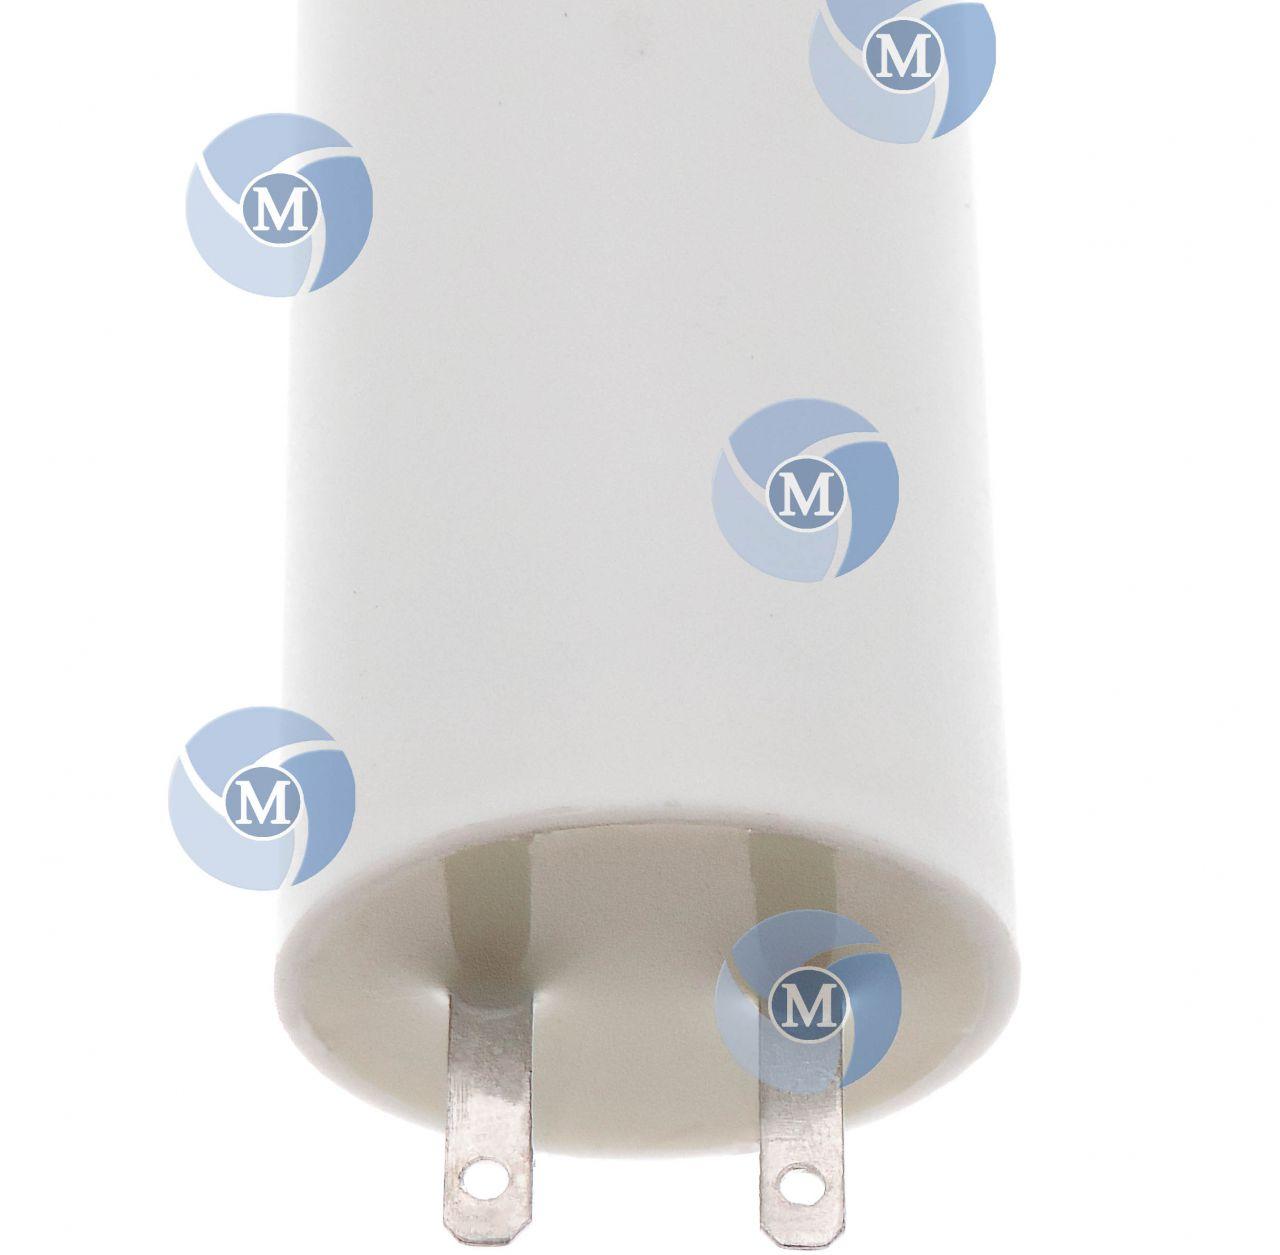 condensateur 3 5 f pour moteurs de volets roulants 10 nm cosses 2 8 mm. Black Bedroom Furniture Sets. Home Design Ideas